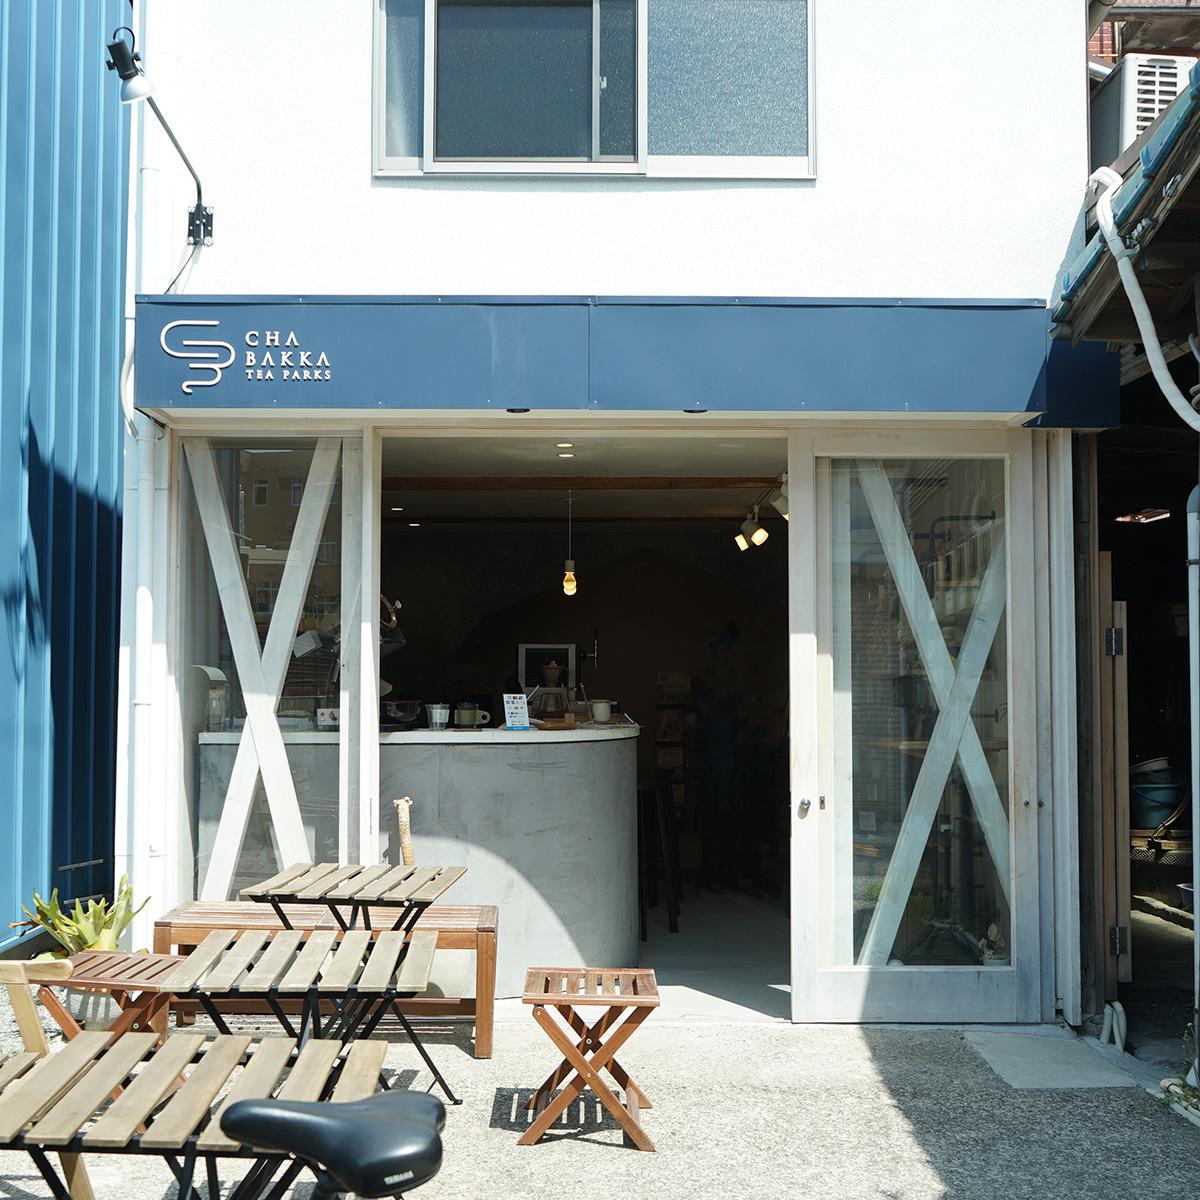 """日本初!""""ドラフト""""の日本茶が飲める「CHABAKKA TEA PARKS」(鎌倉)"""